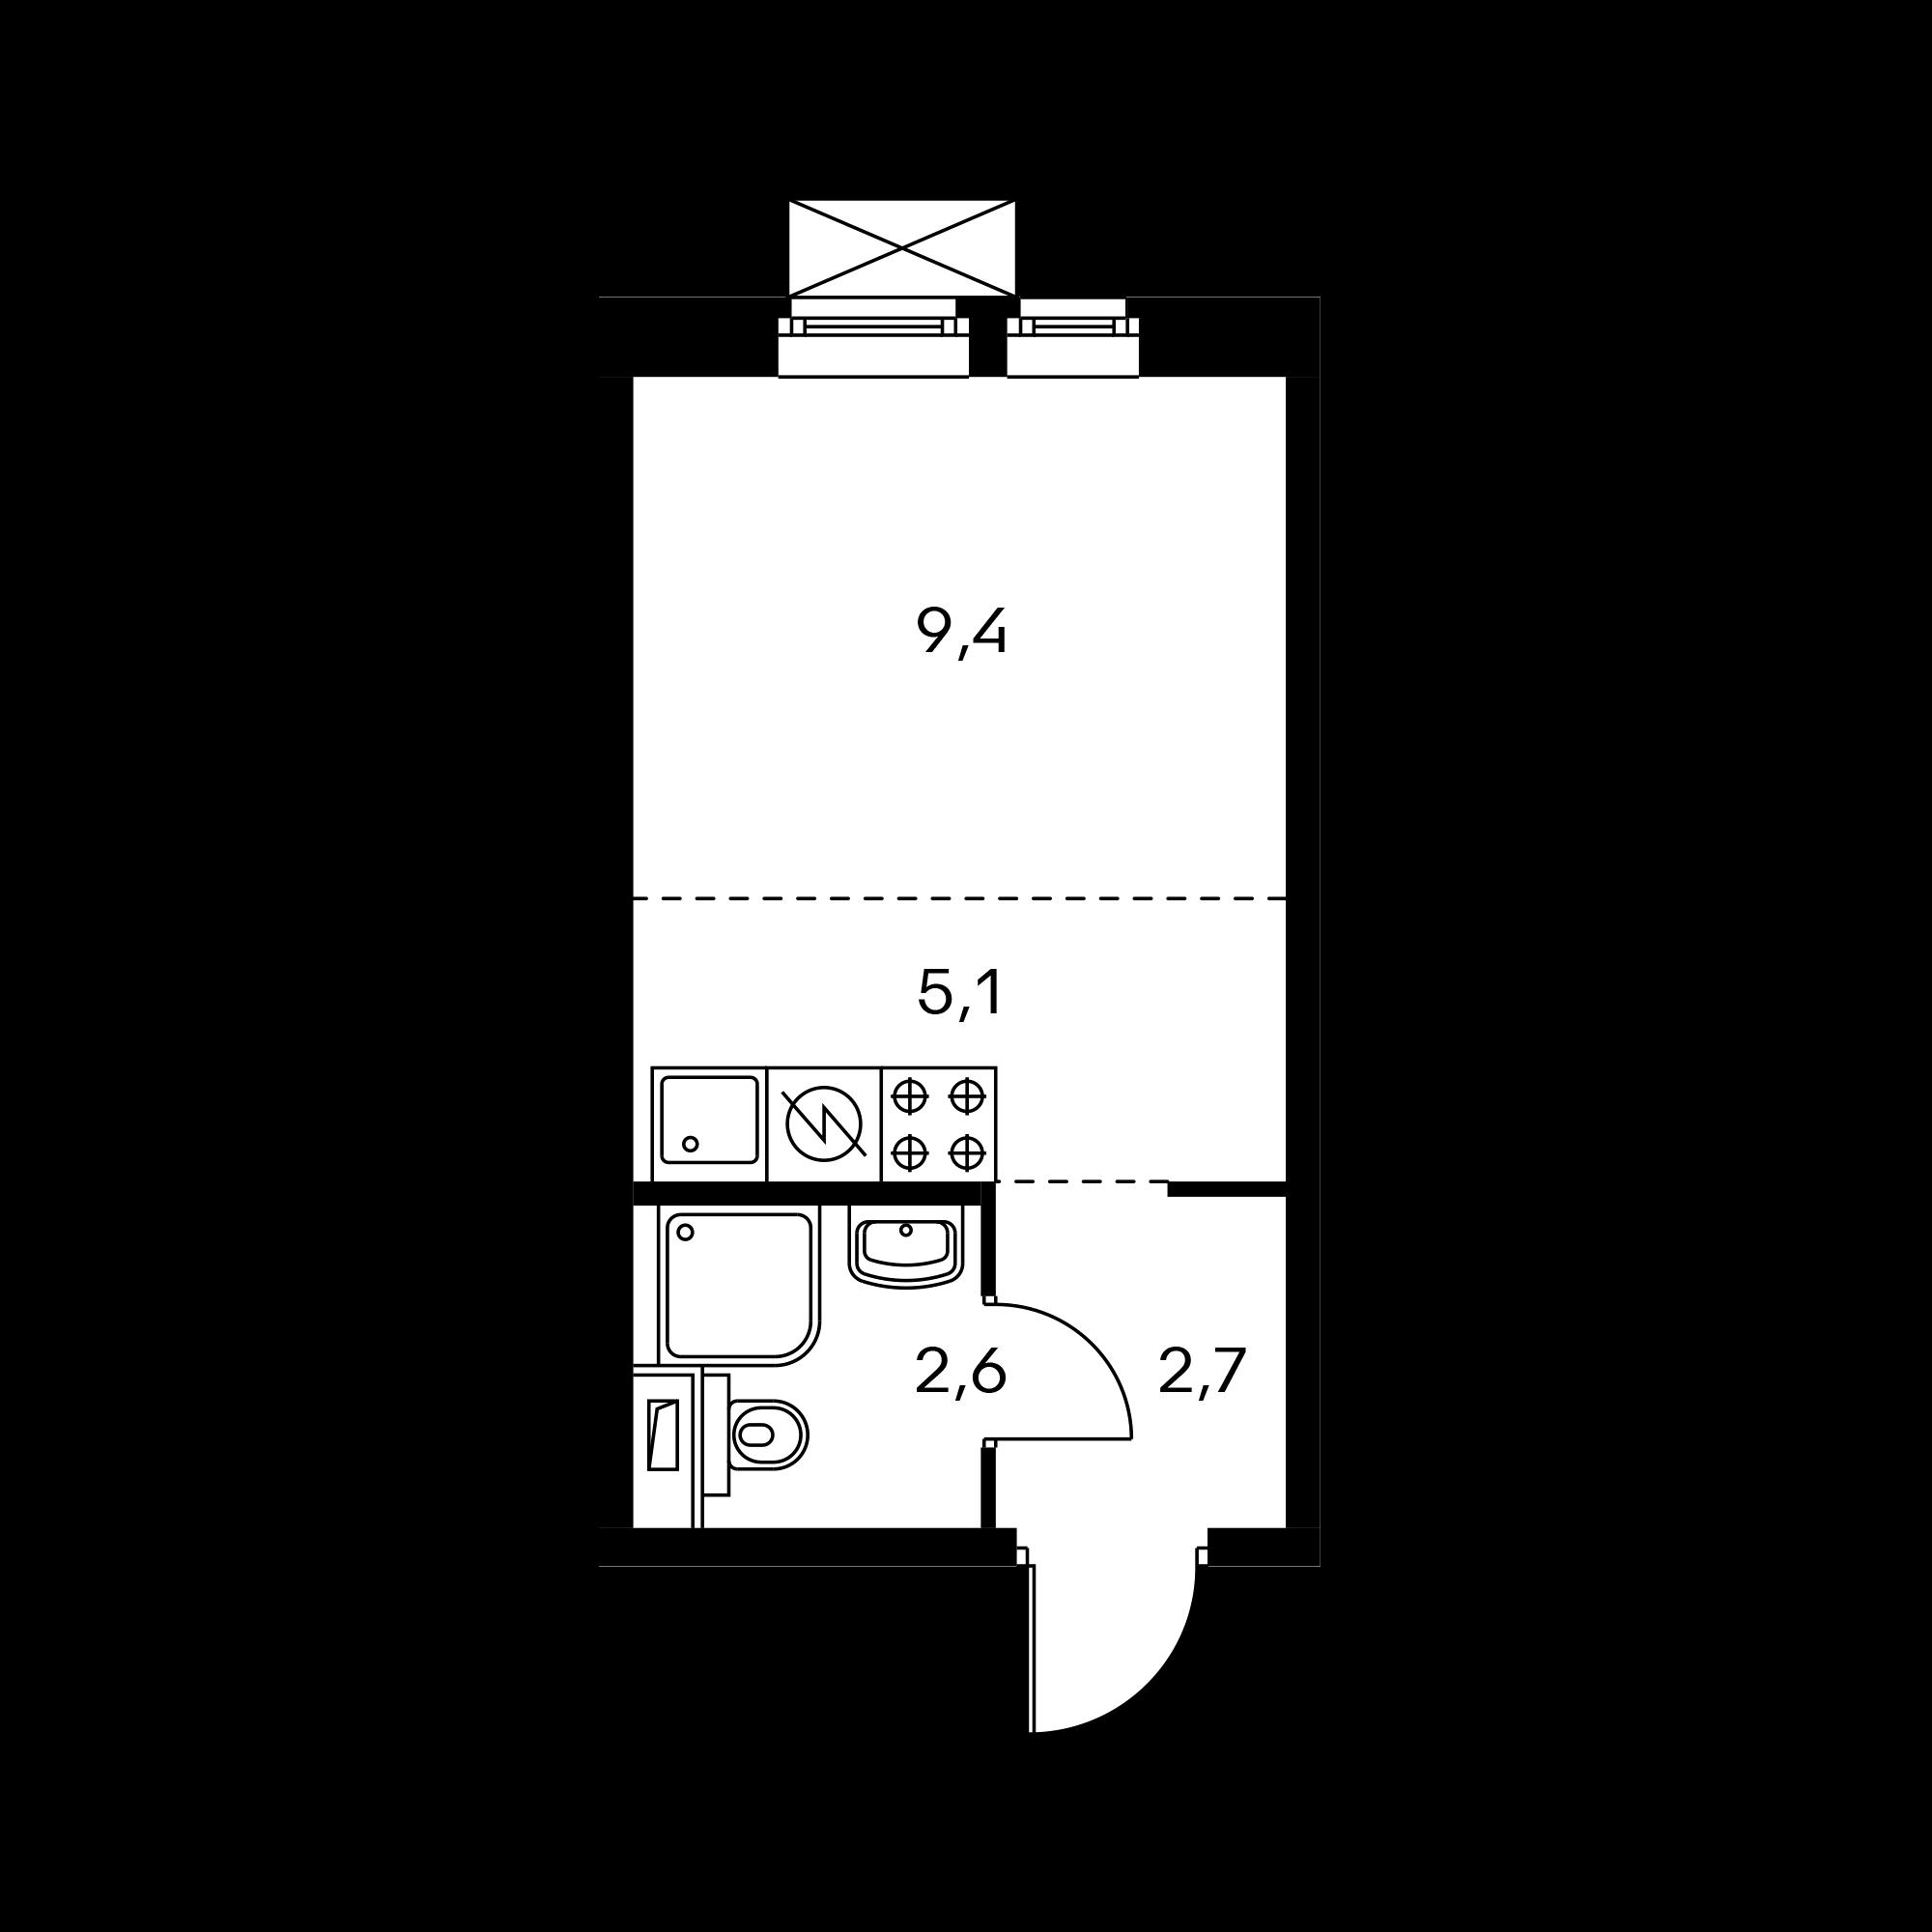 1NS1_3.6-1_S_A2